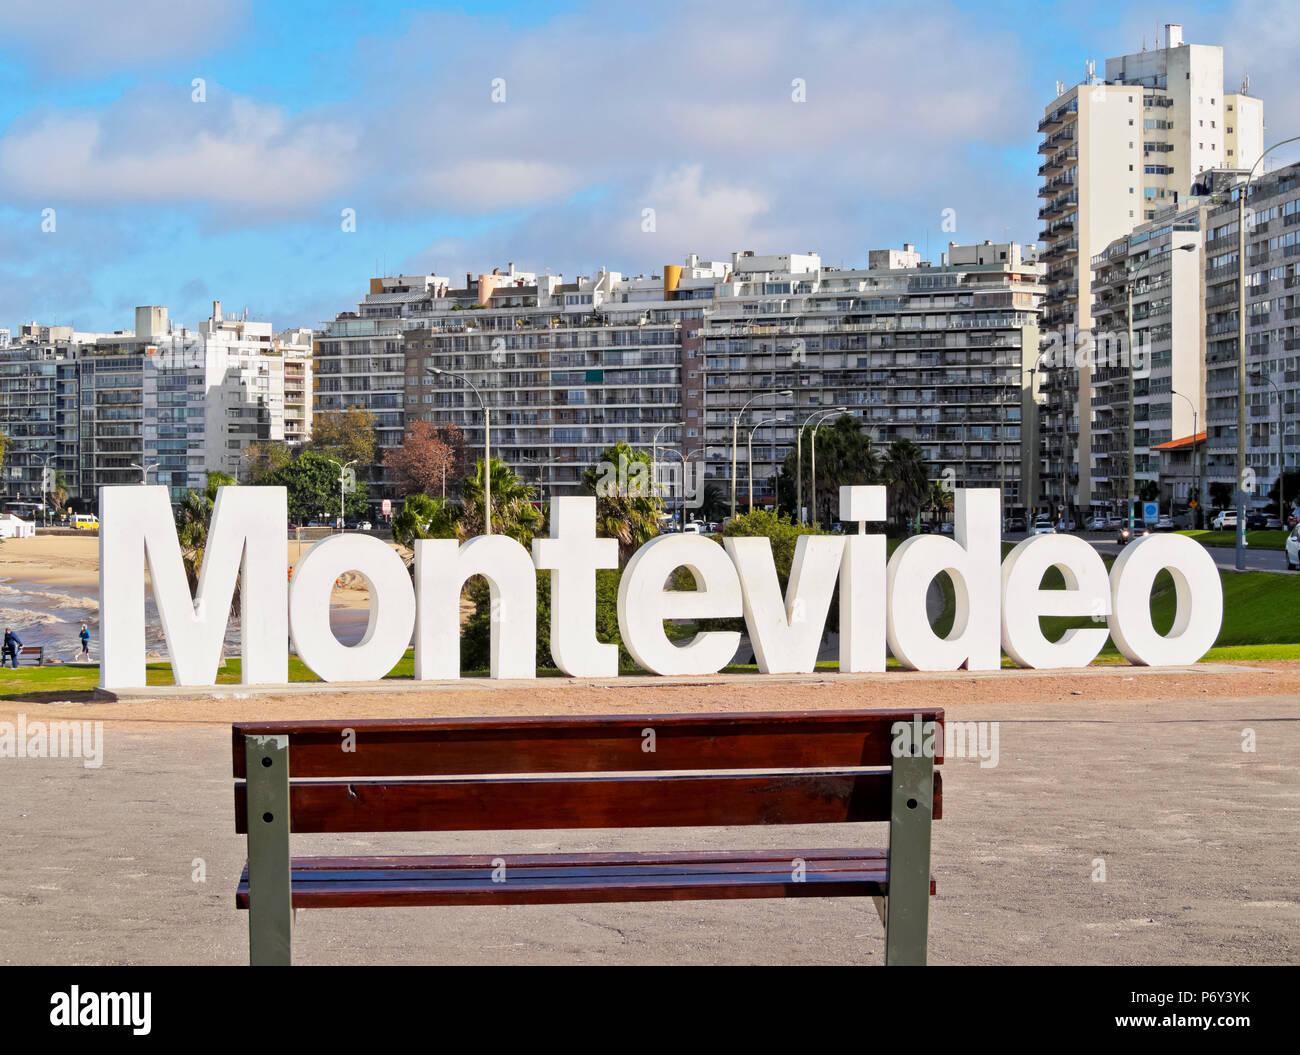 Uruguay, Montevideo, Pocitos, vista del segno di Montevideo. Immagini Stock